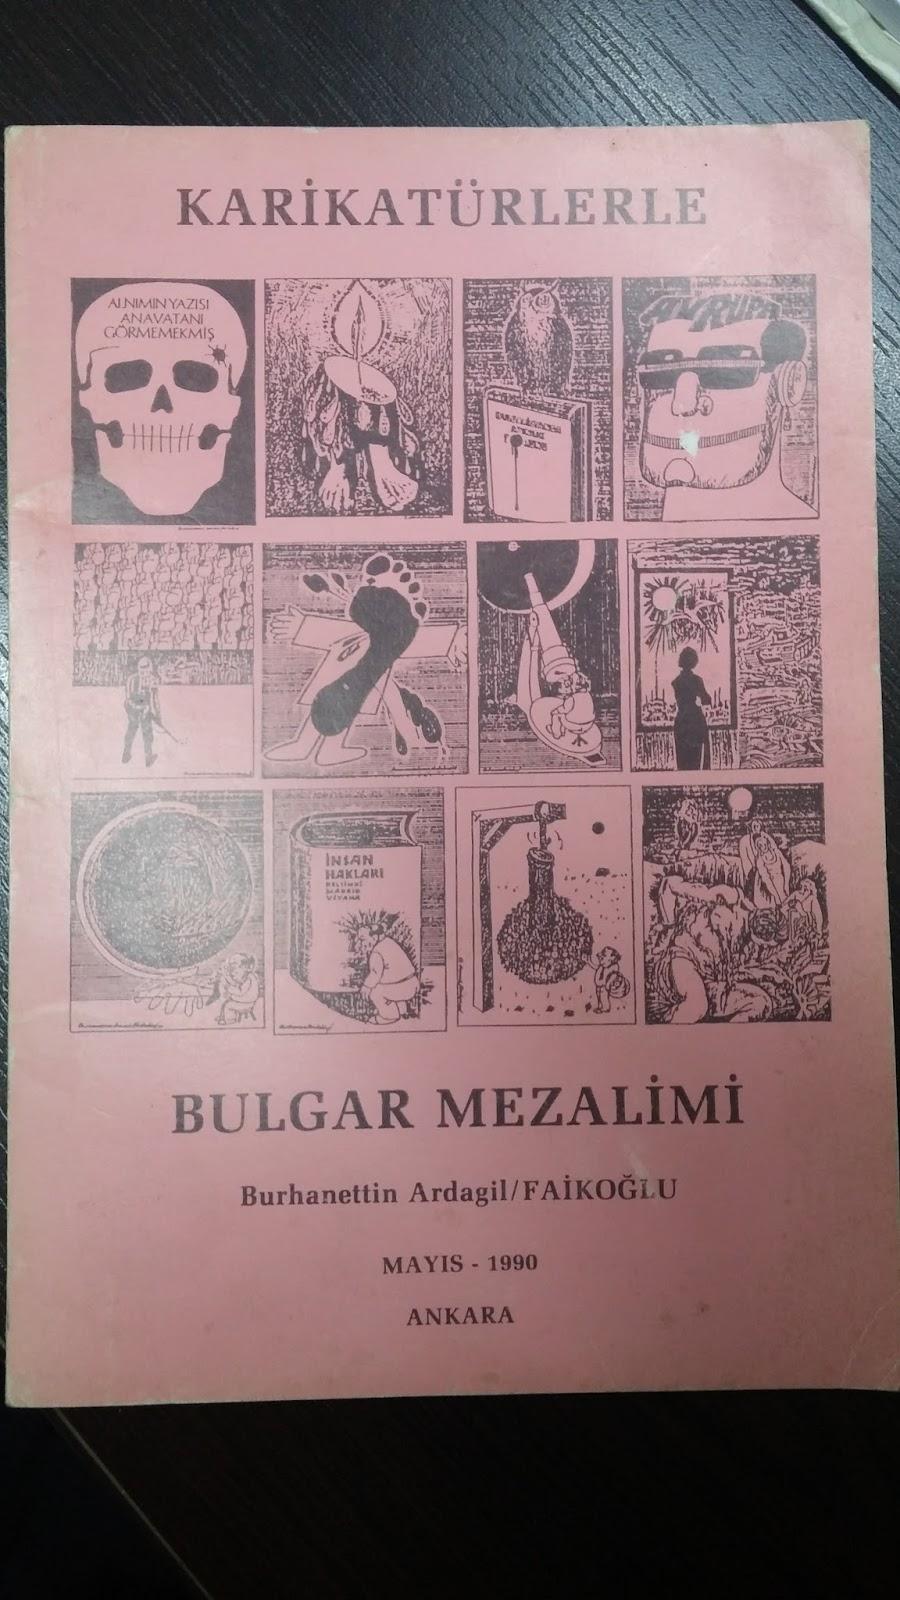 Bulgaristan Türk Gençliği – BTG: KARİKATÜRLERLE BULGAR MEZALİMİ, Burhanettin  Ardagil Faikoğlu